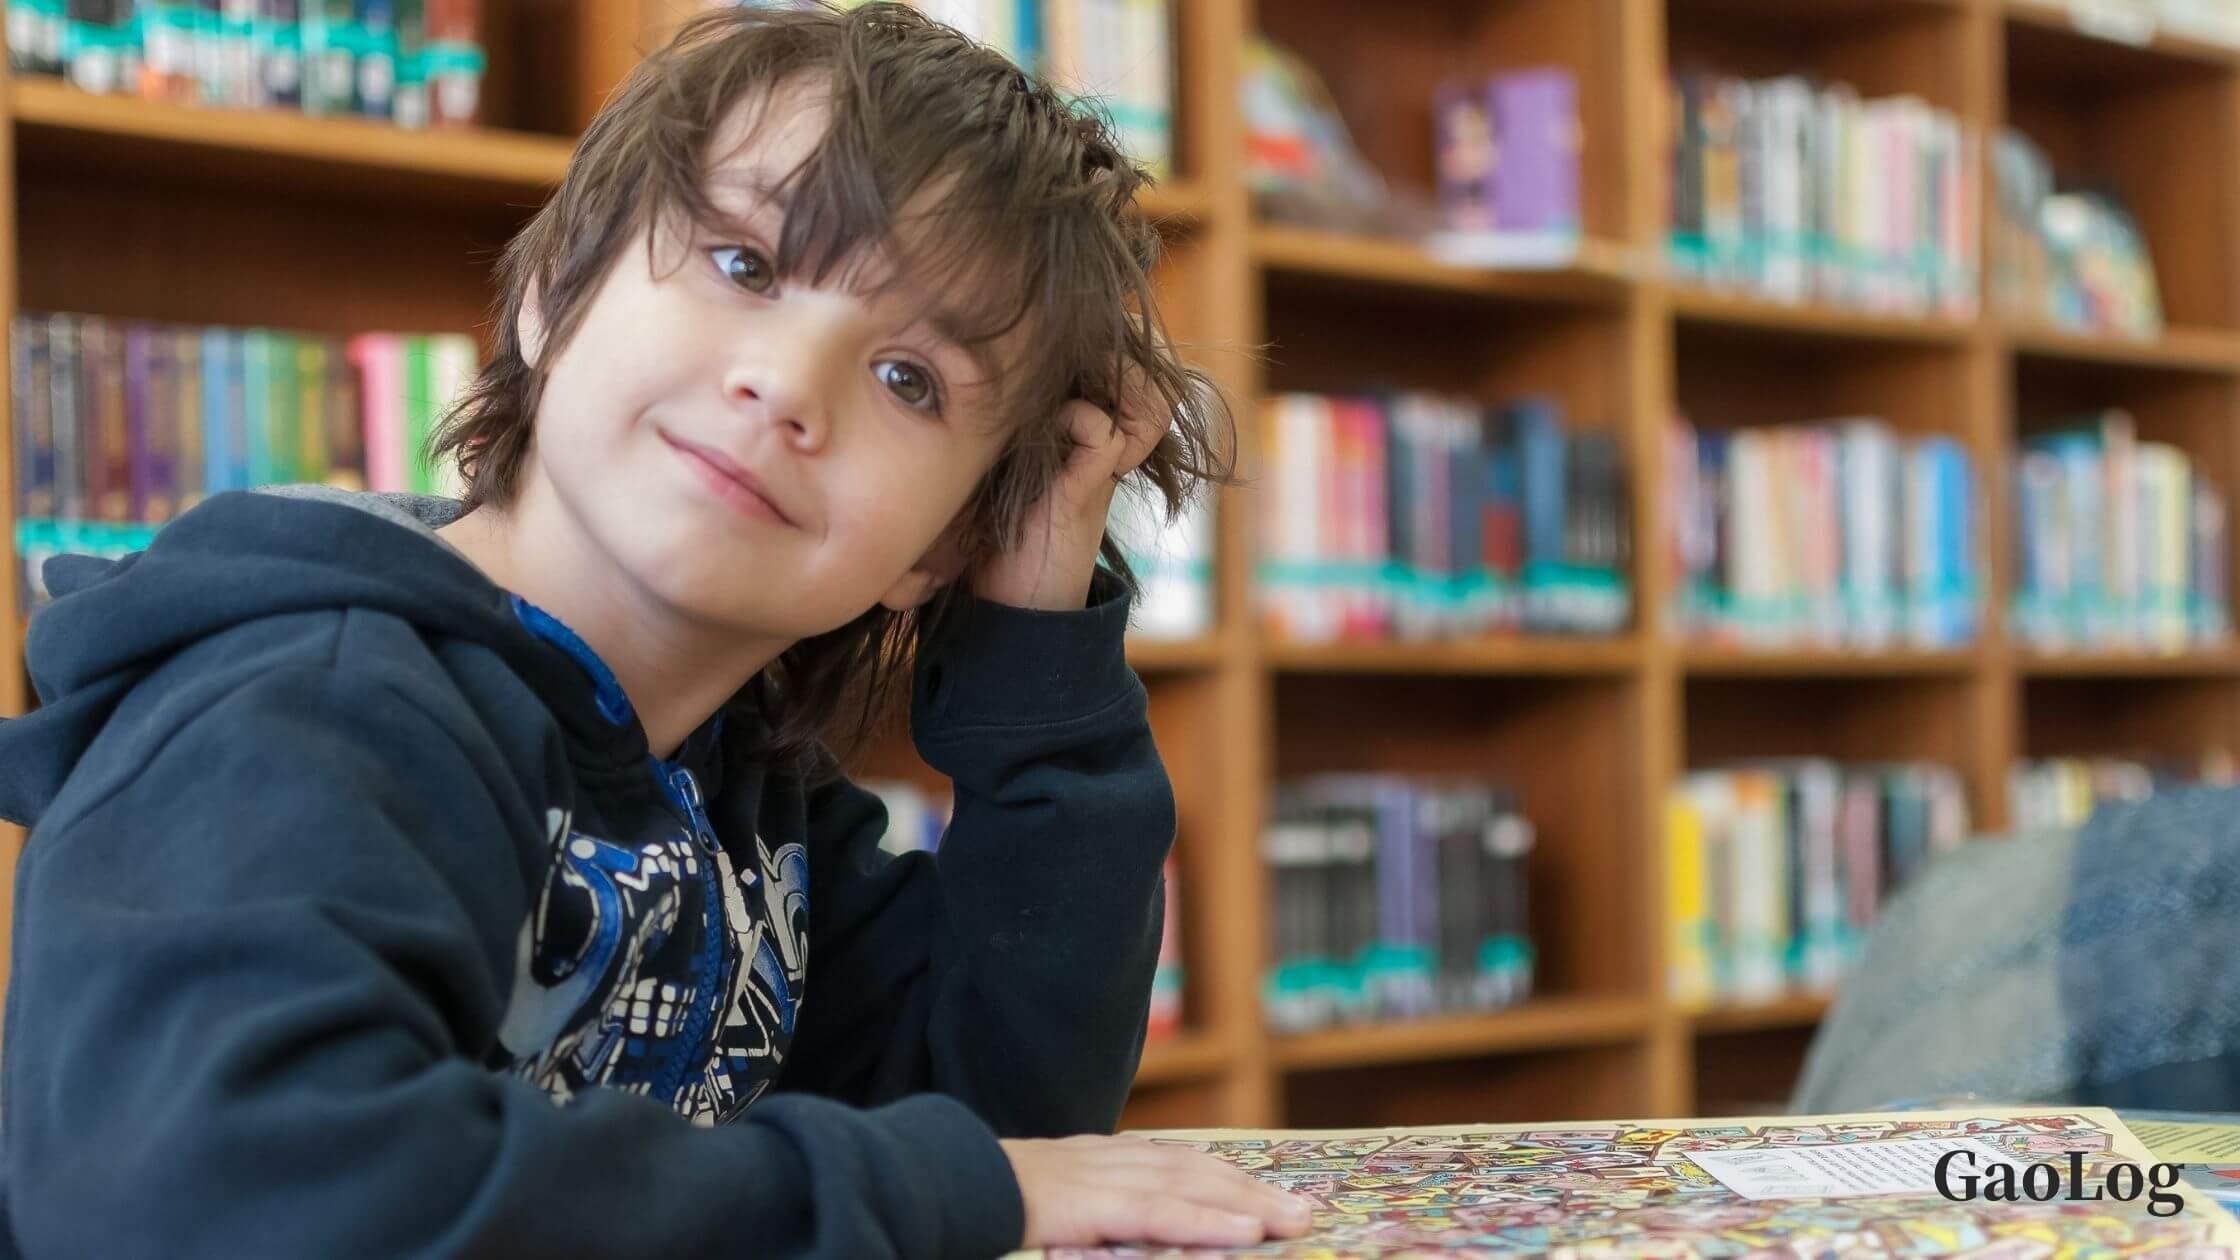 【口コミ】グローバルステップアカデミーを3歳の甥が受けてみた結果